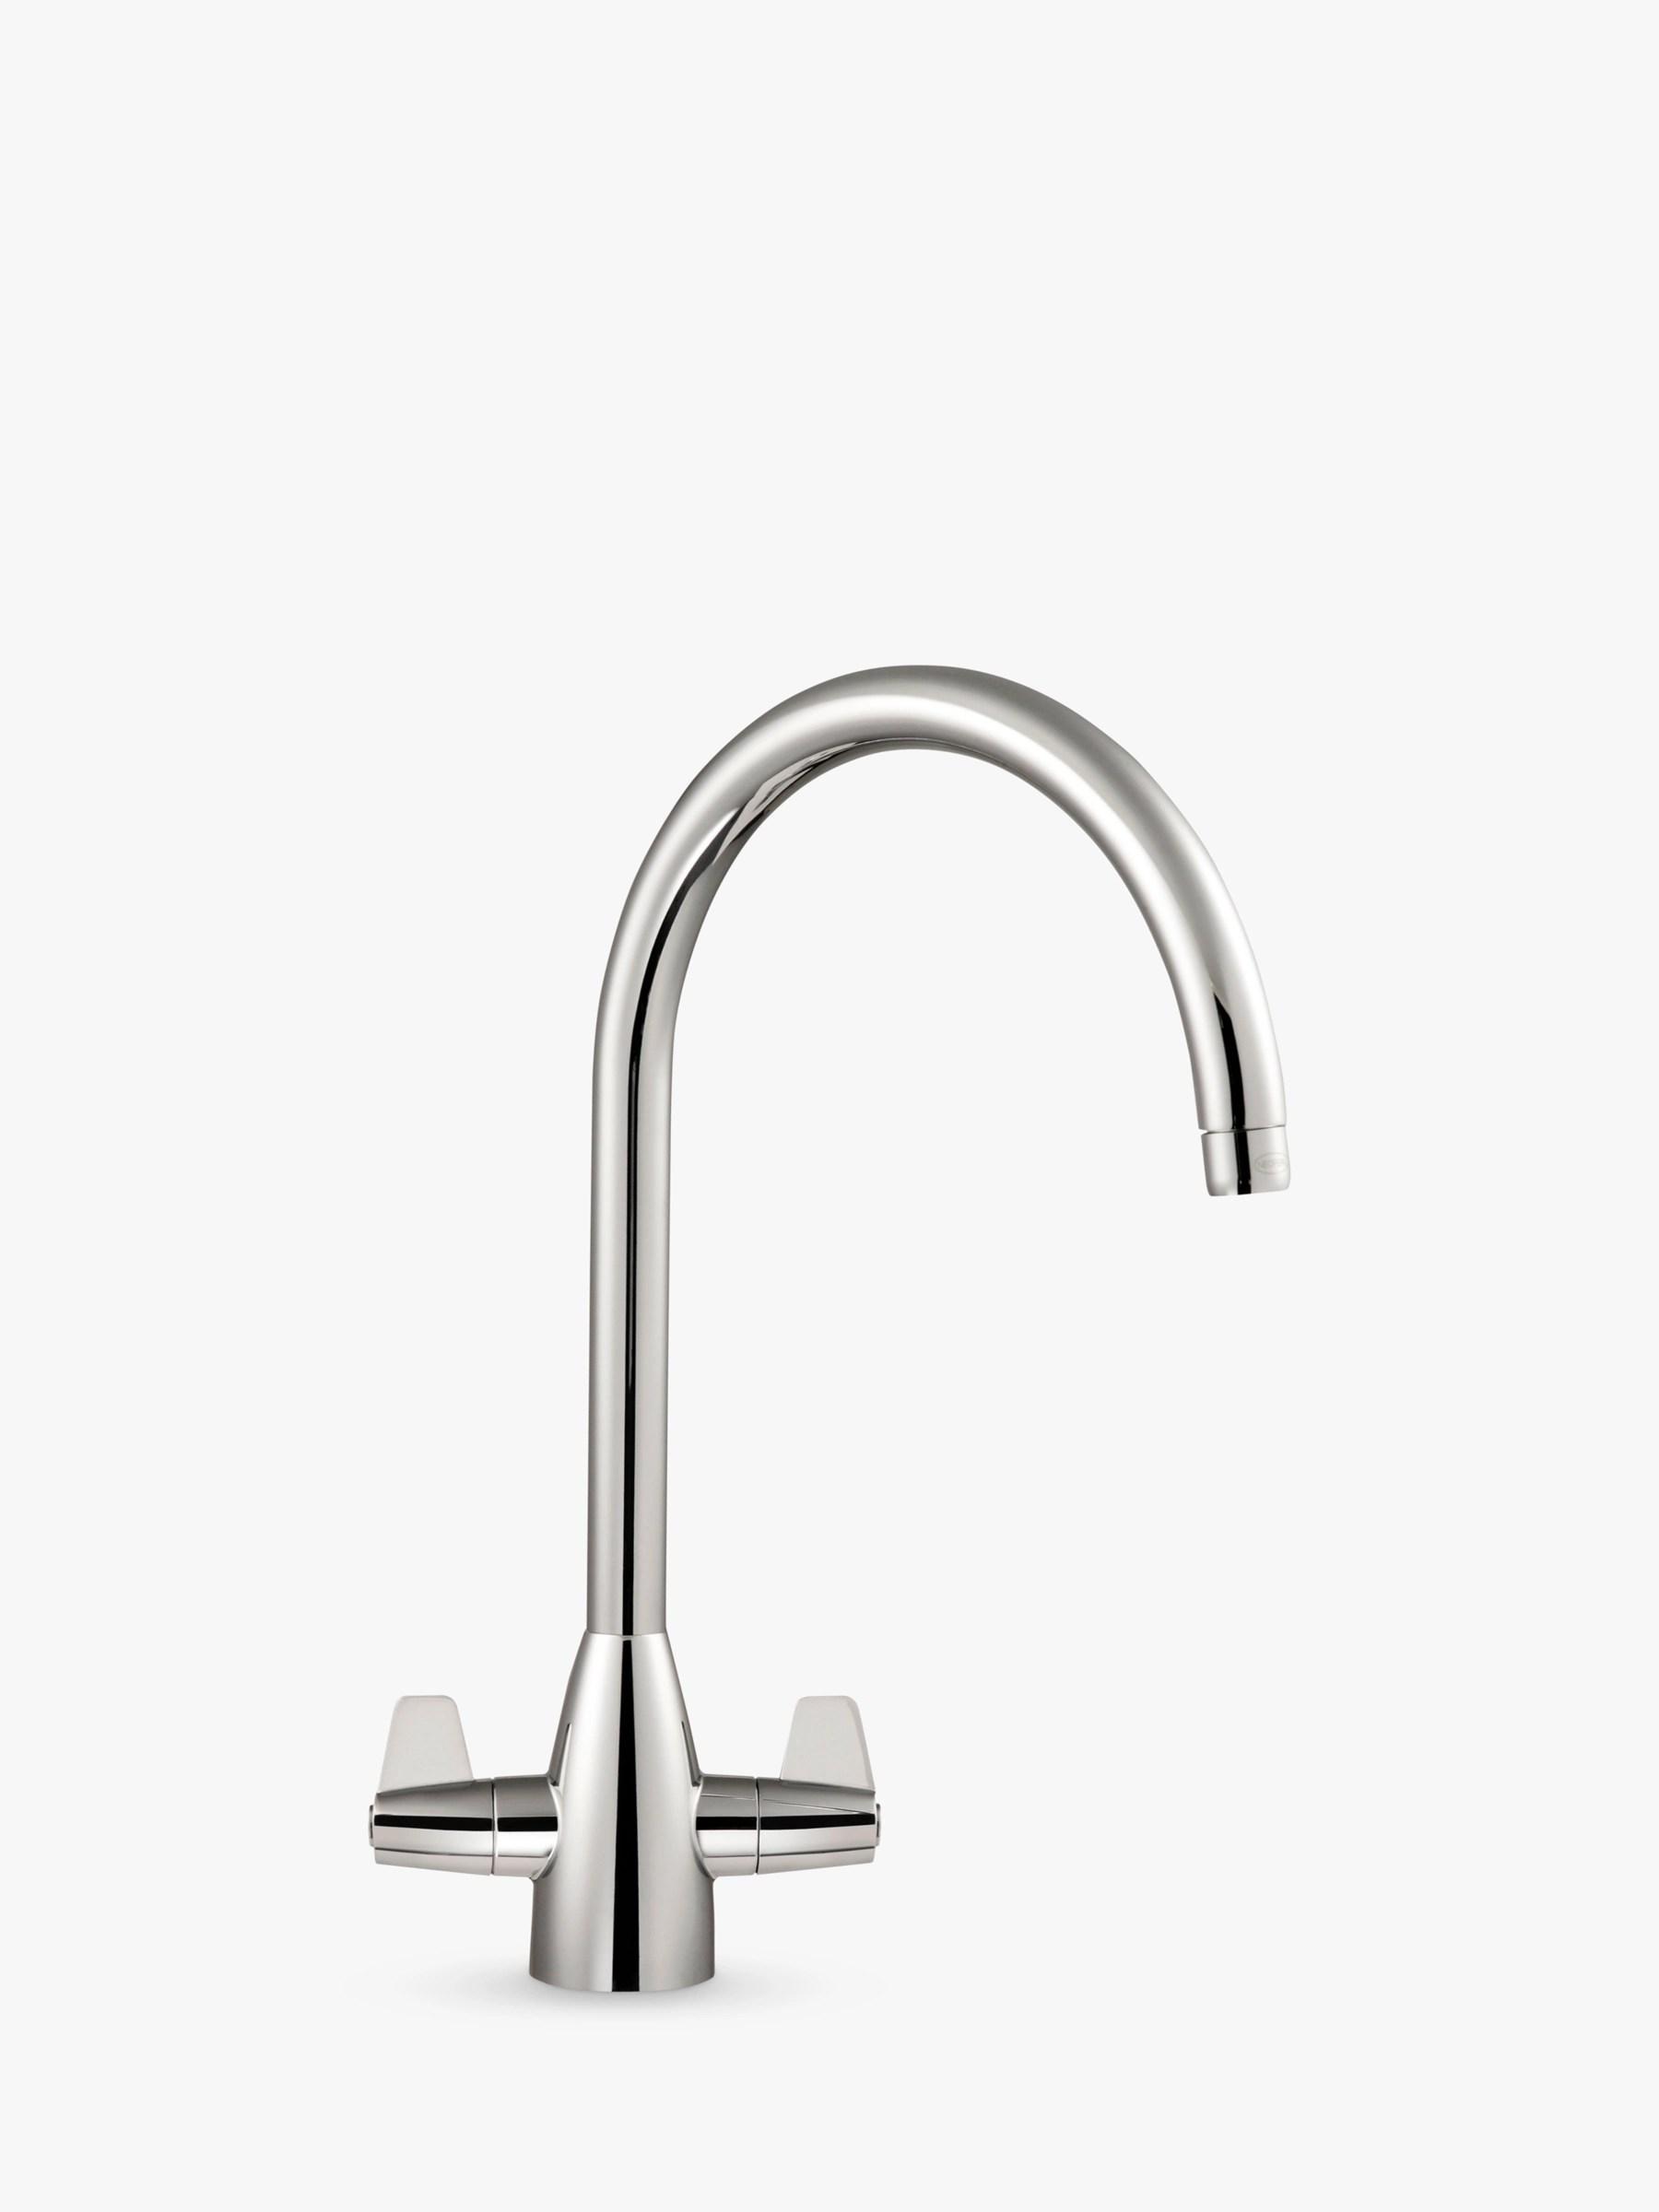 franke kitchen faucet aid appliances taps john lewis partners davos j spout 2 lever tap